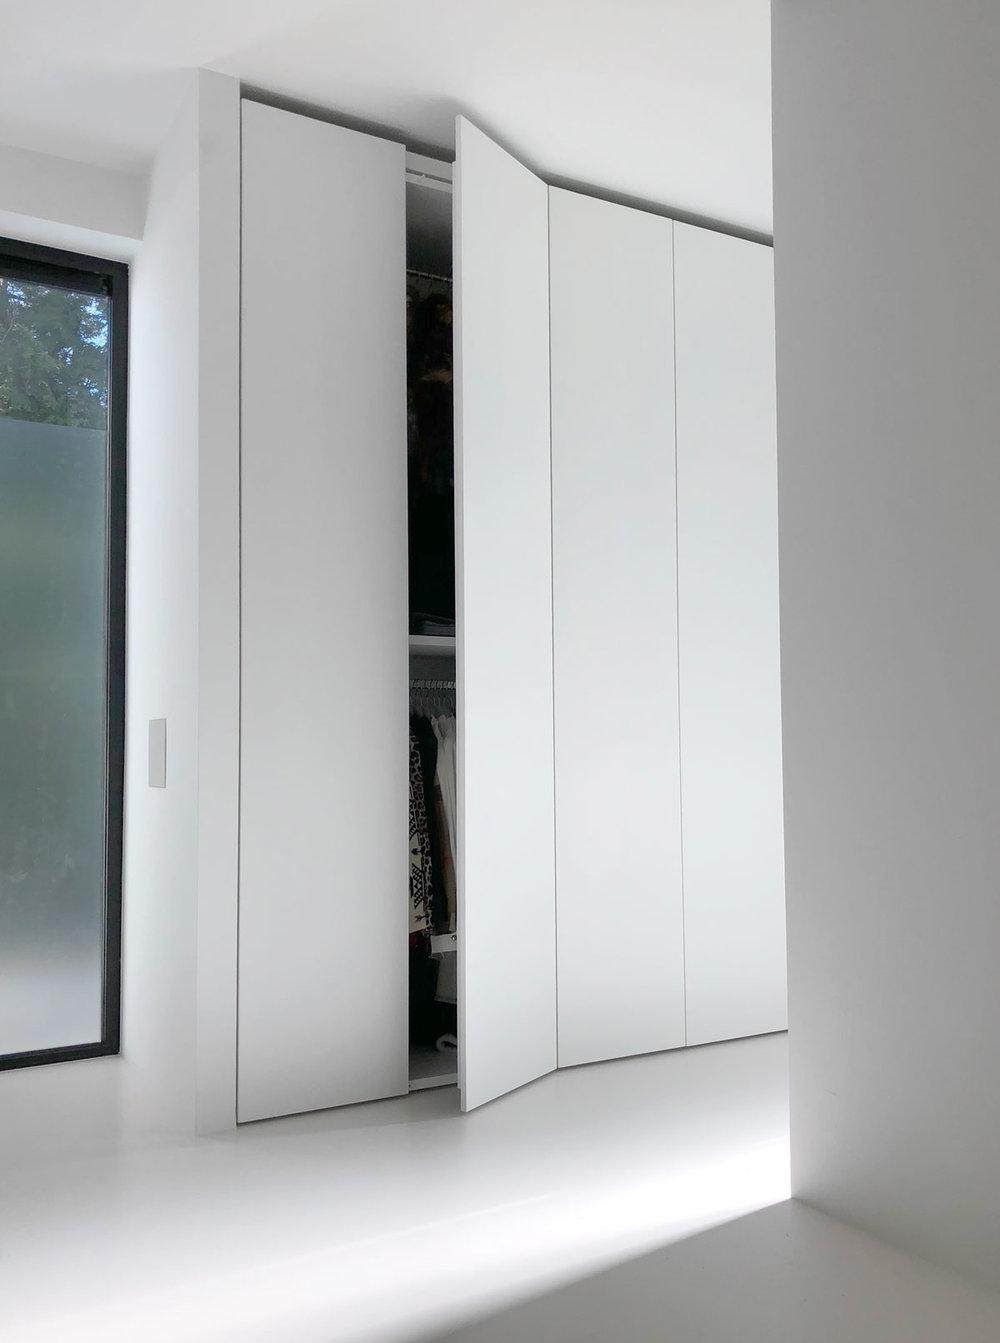 Afbeelding van een design kledingkast met een deur half open.